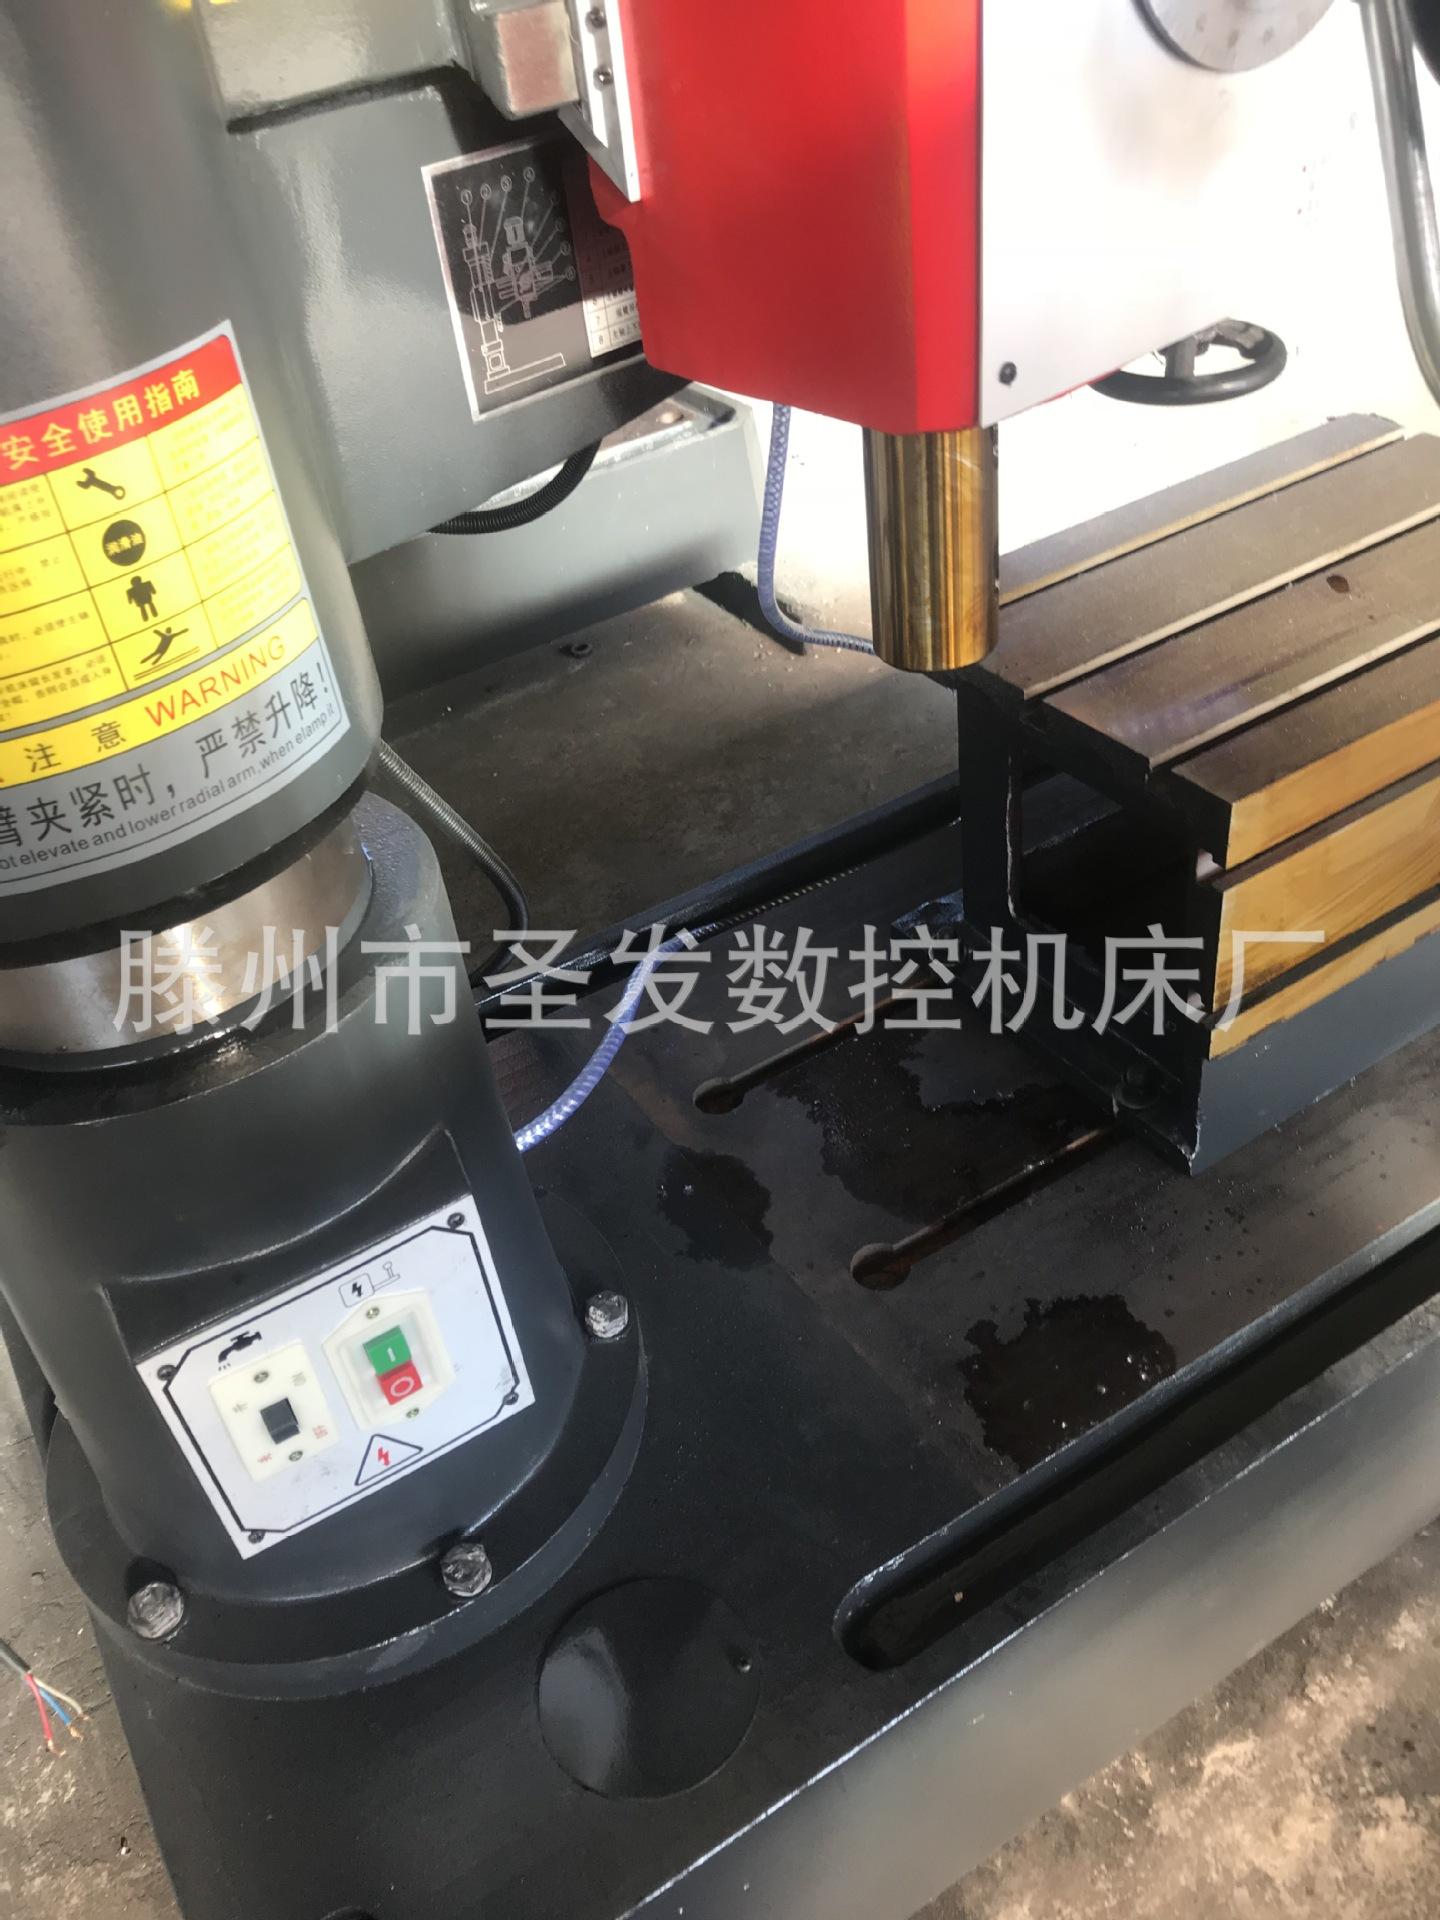 供应35摇臂钻Z3035摇臂钻床质量好价格低滕州生产摇臂钻的厂家示例图7